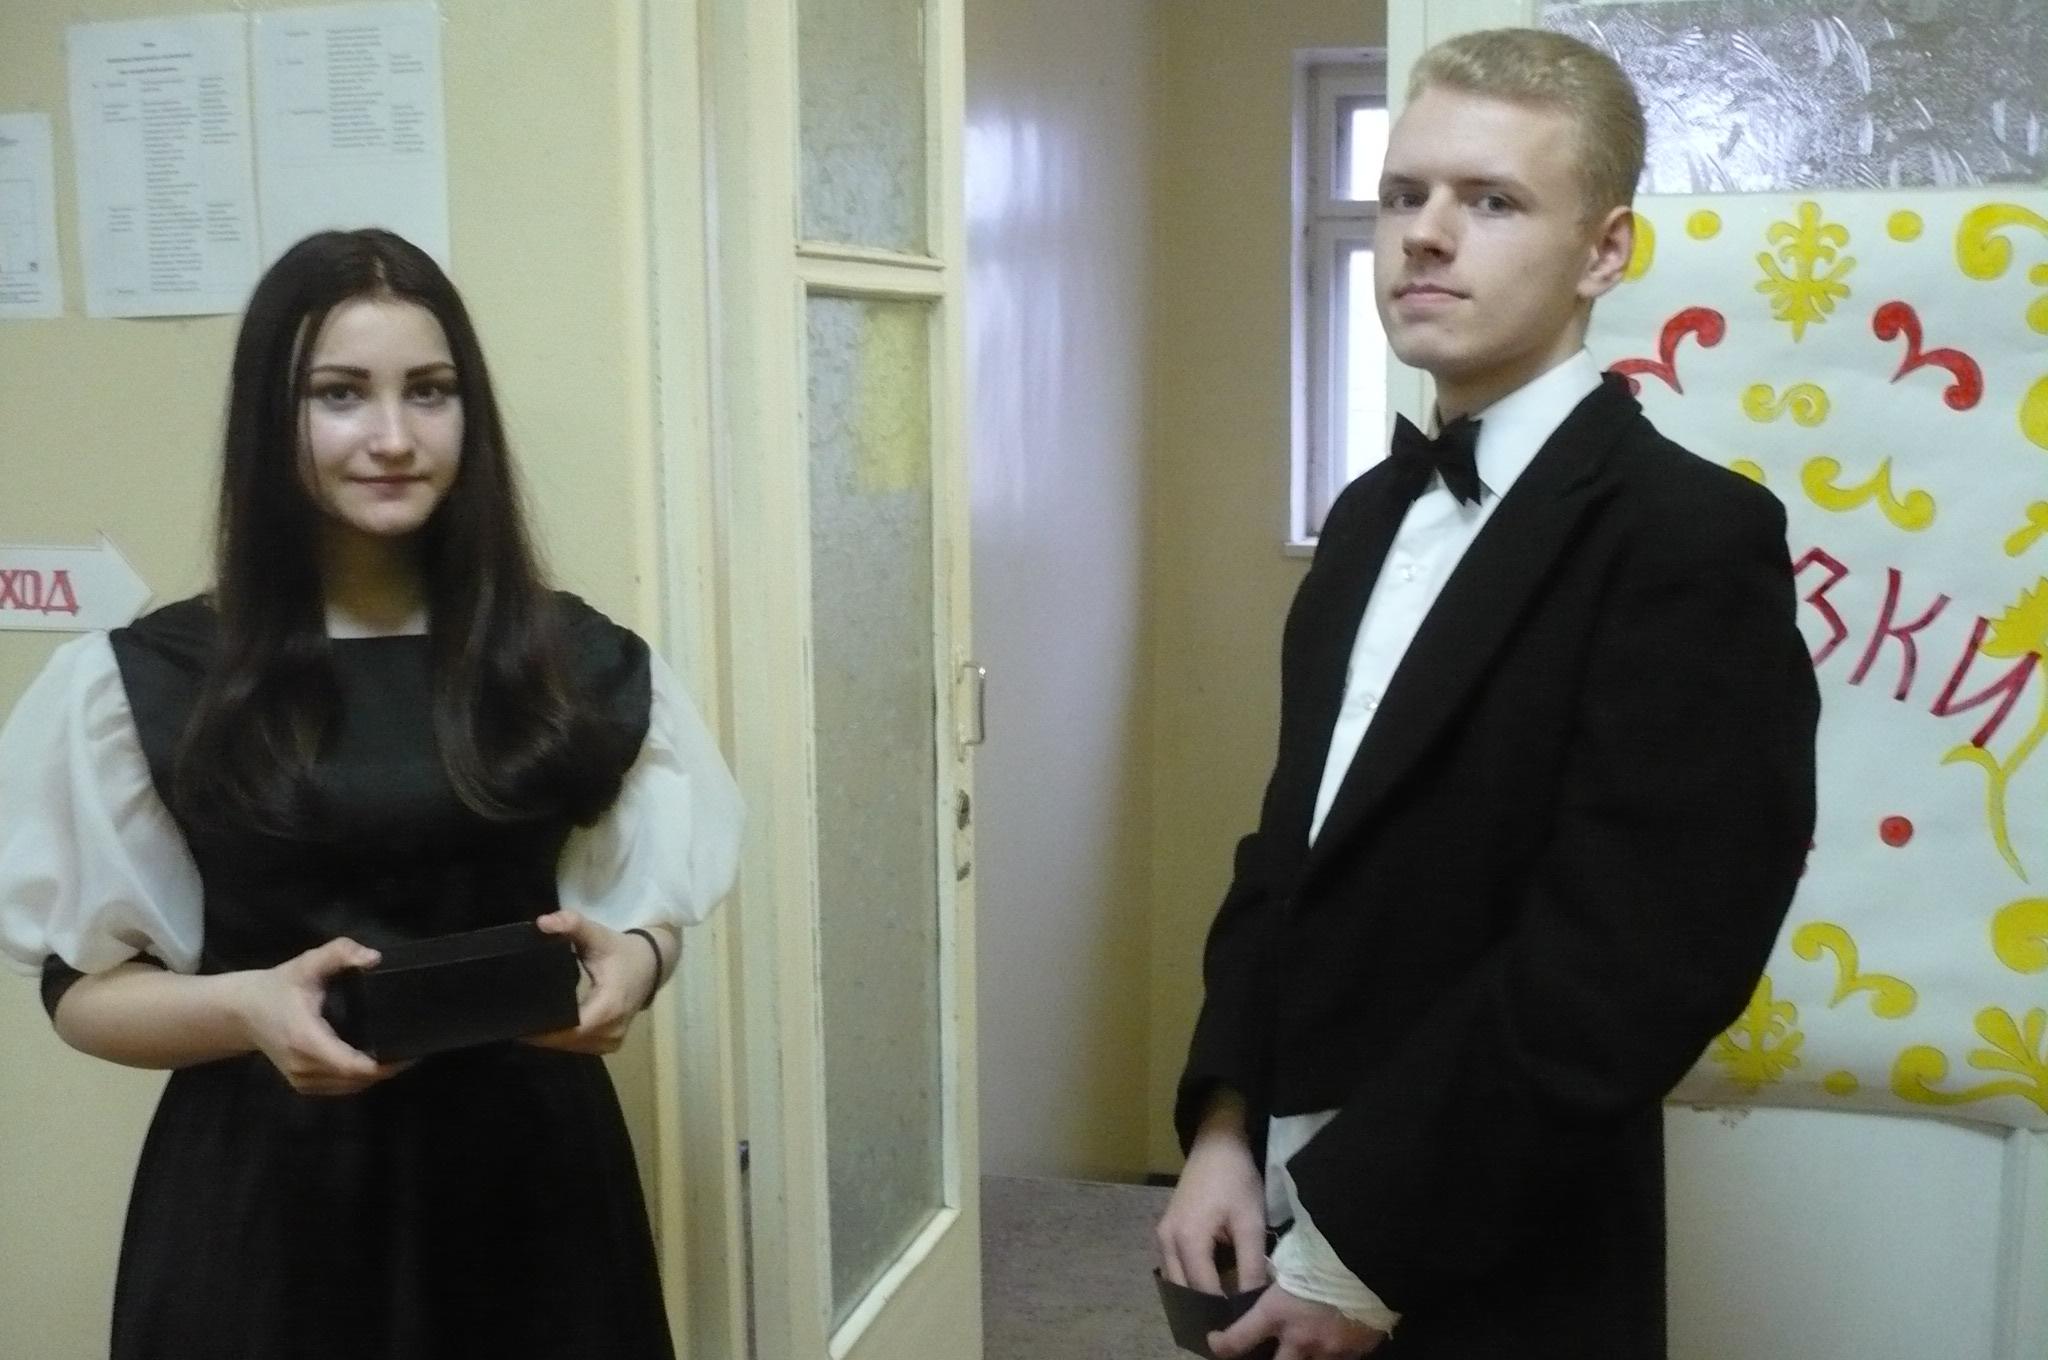 Волонтеры «Лиги добра» Алина Провоторова и Данила Крицкий